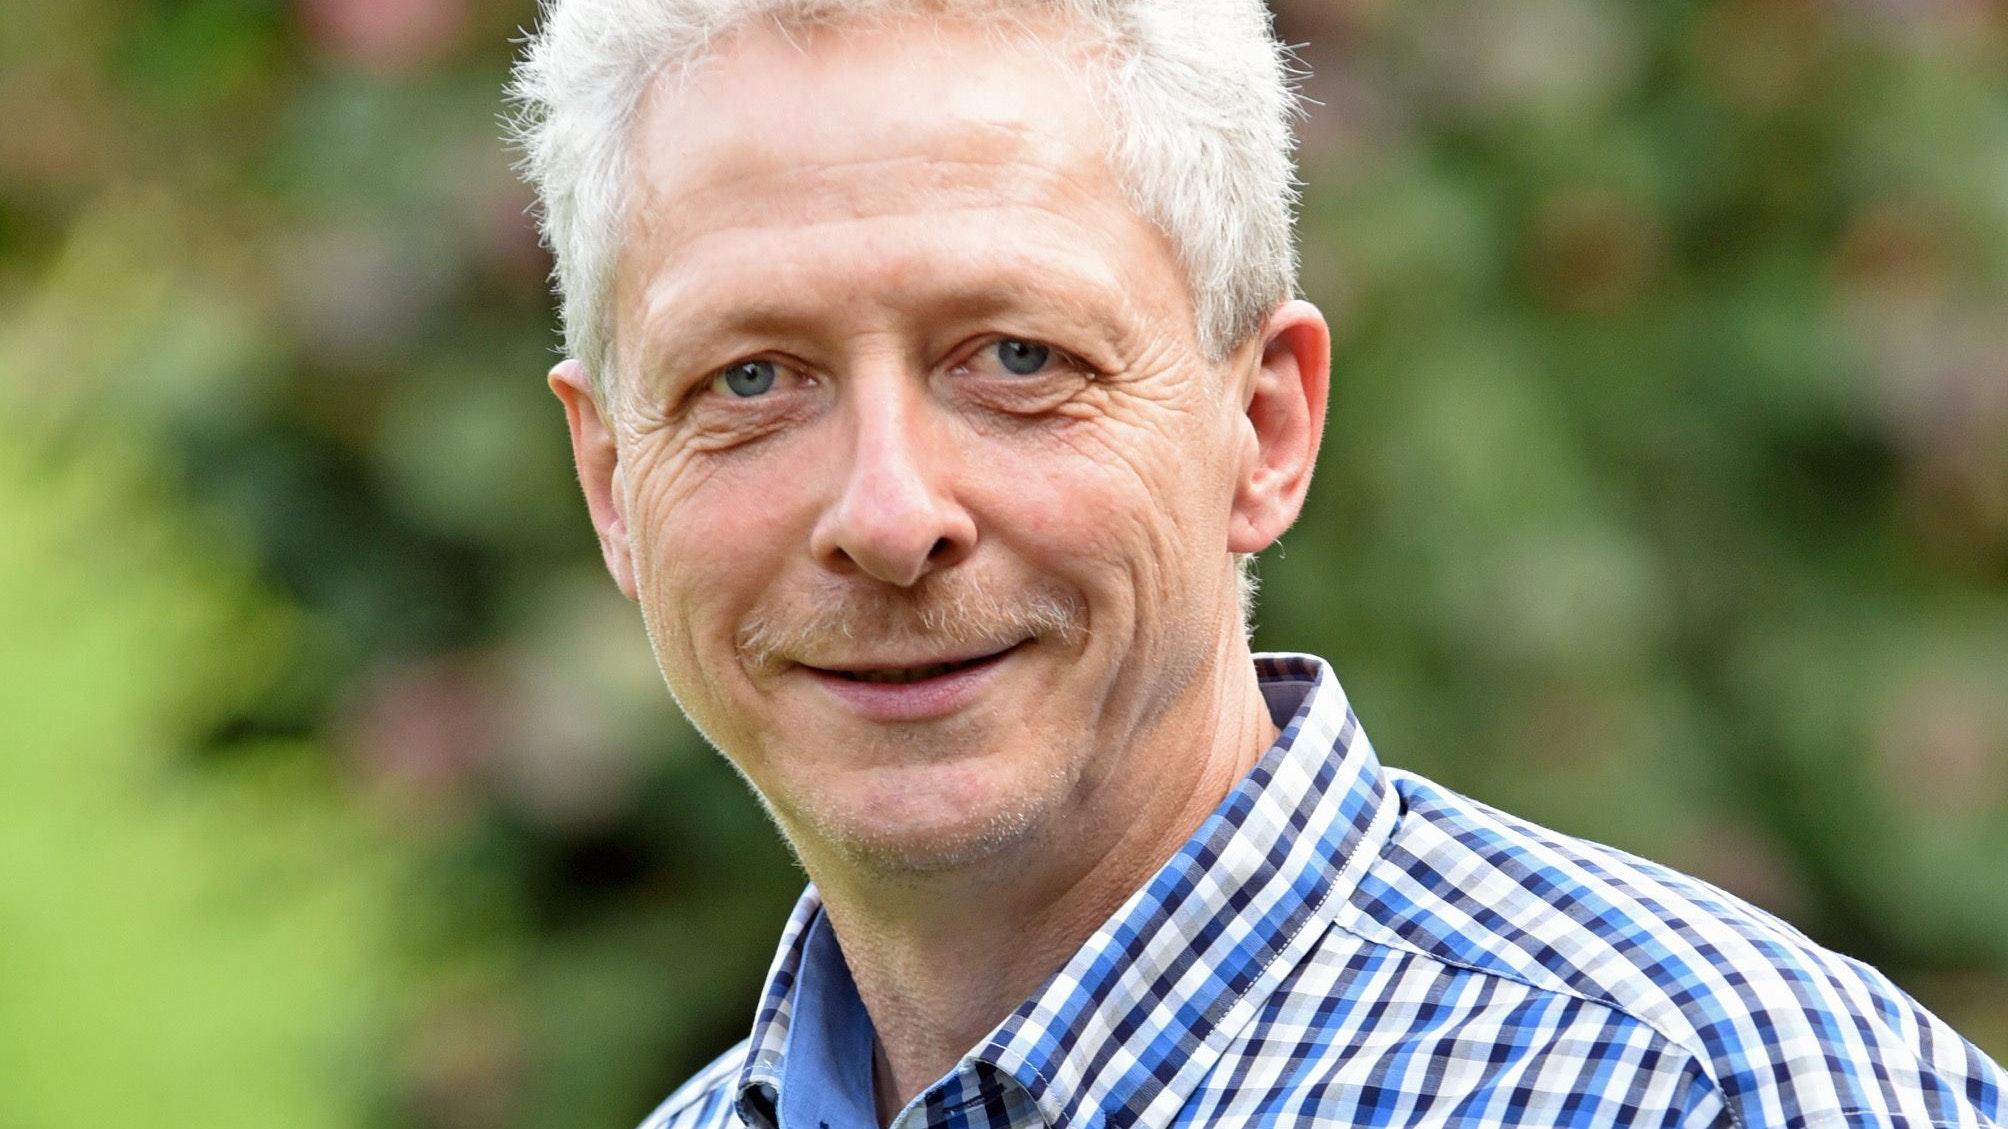 Nummer sechs: Michael Schneiders zieht für die SPD in den Essener Rat ein. Foto: SPD